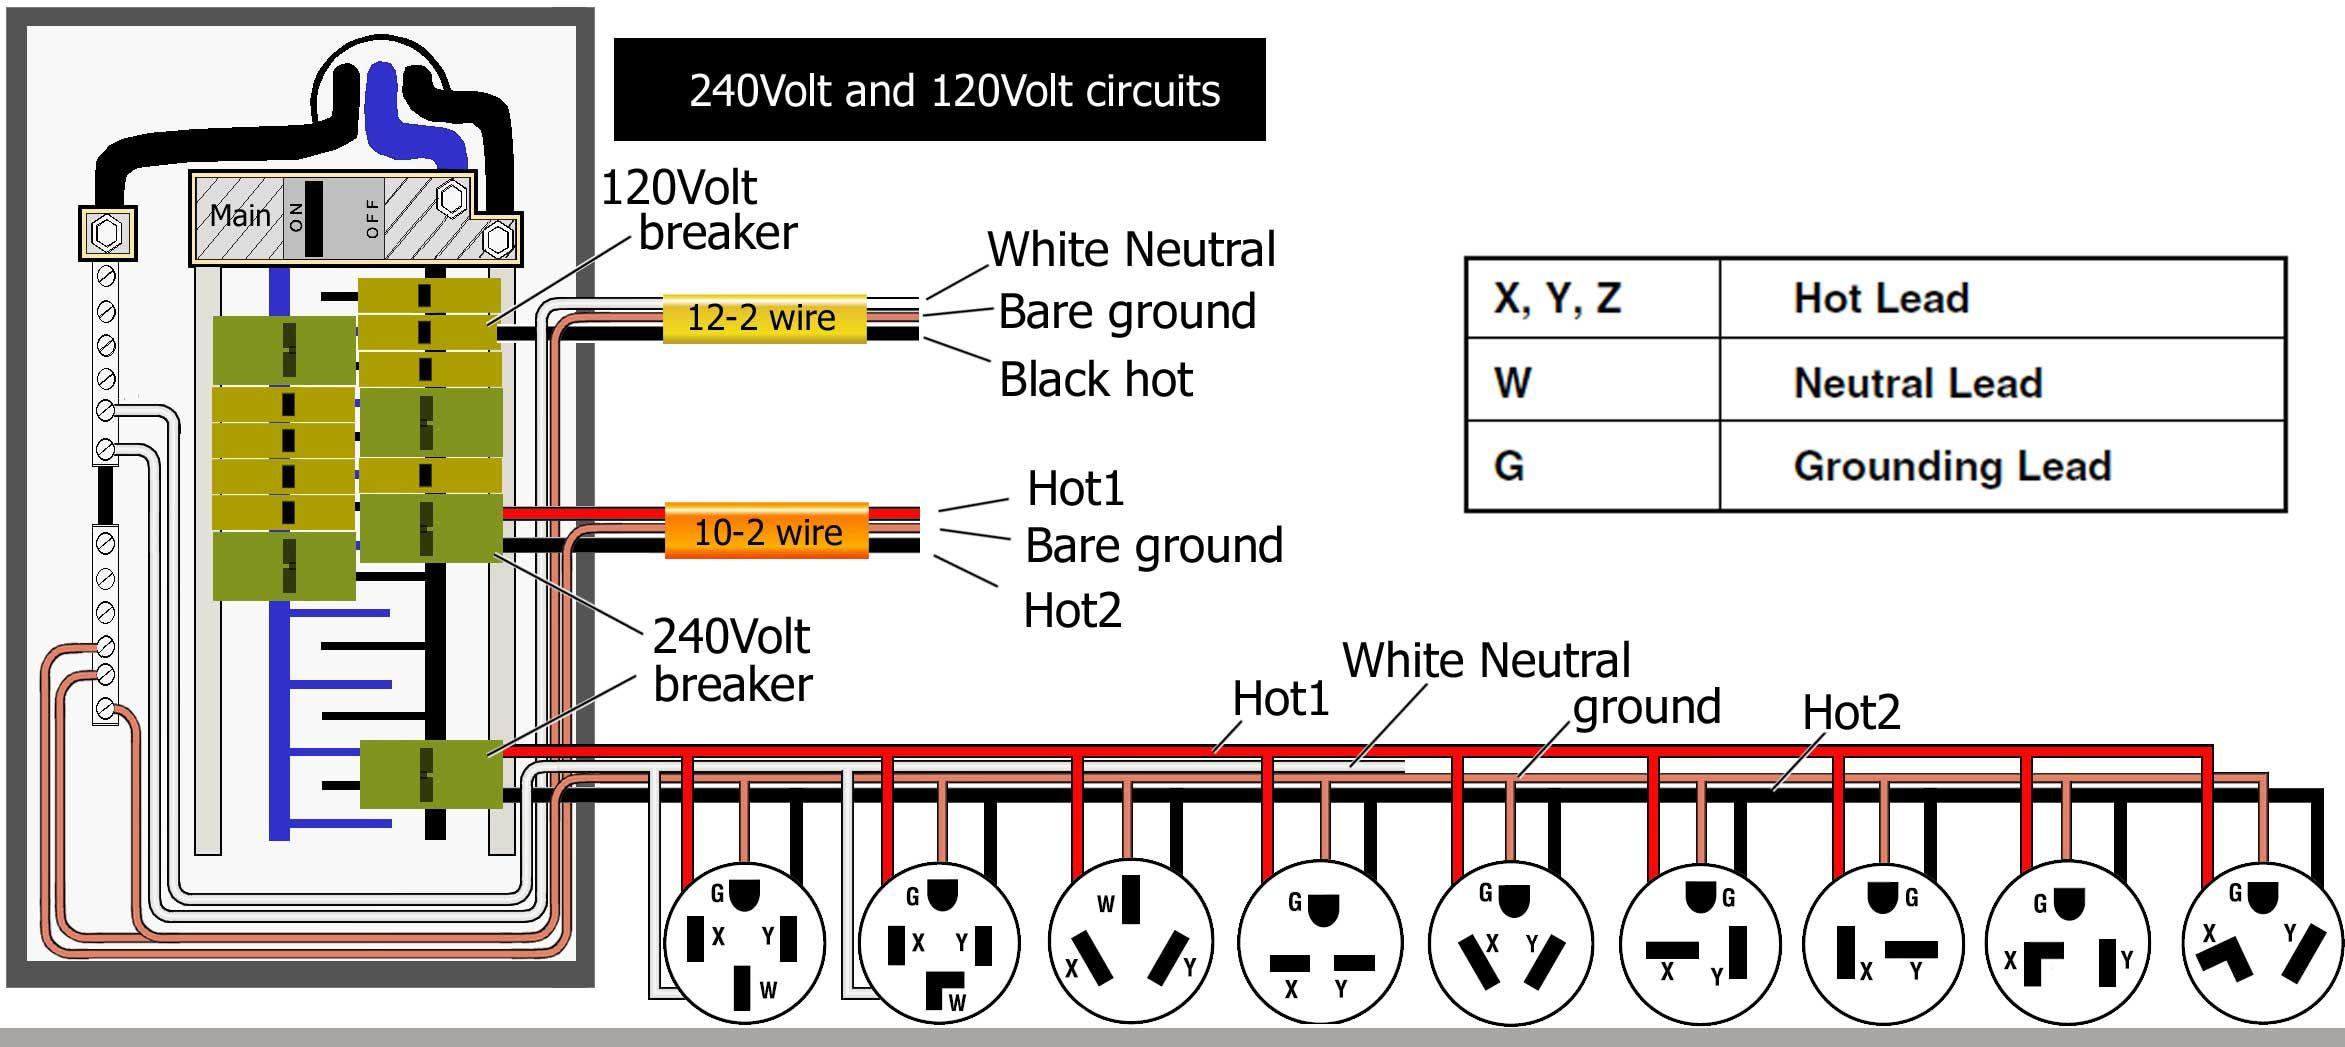 Flat Blade 4 Jpg 2345 1047 Imagenes De Electricidad Diagrama De Circuito Electrico Proyectos Electricos